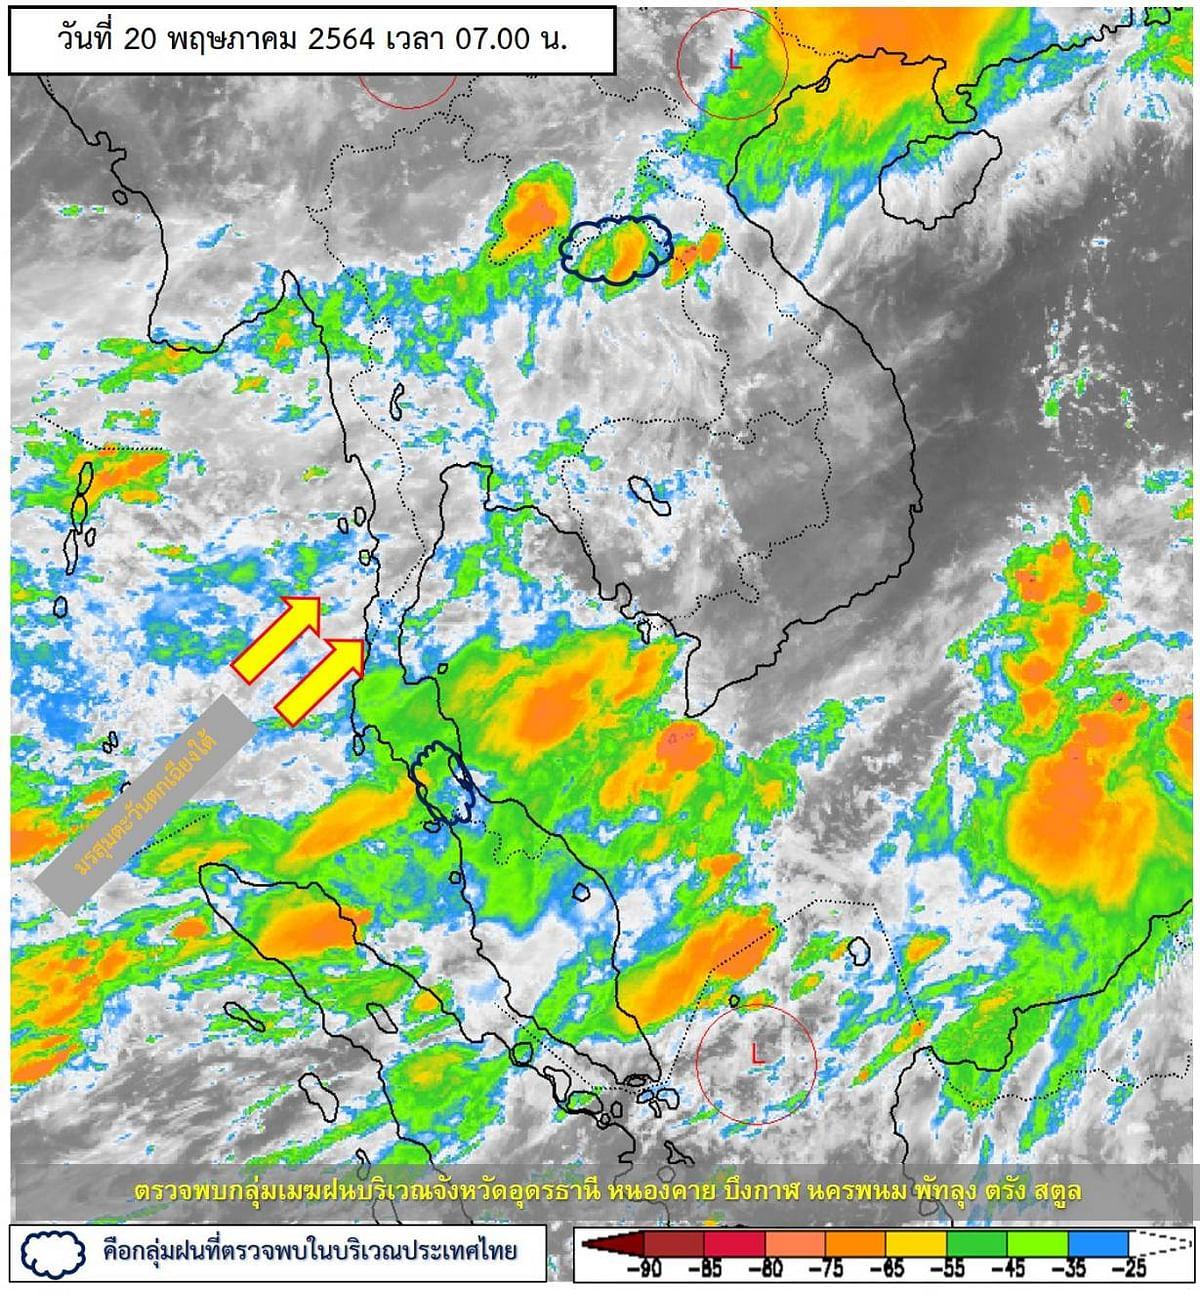 พยากรณ์อากาศ วันที่ 20 พฤษภาคม 2564